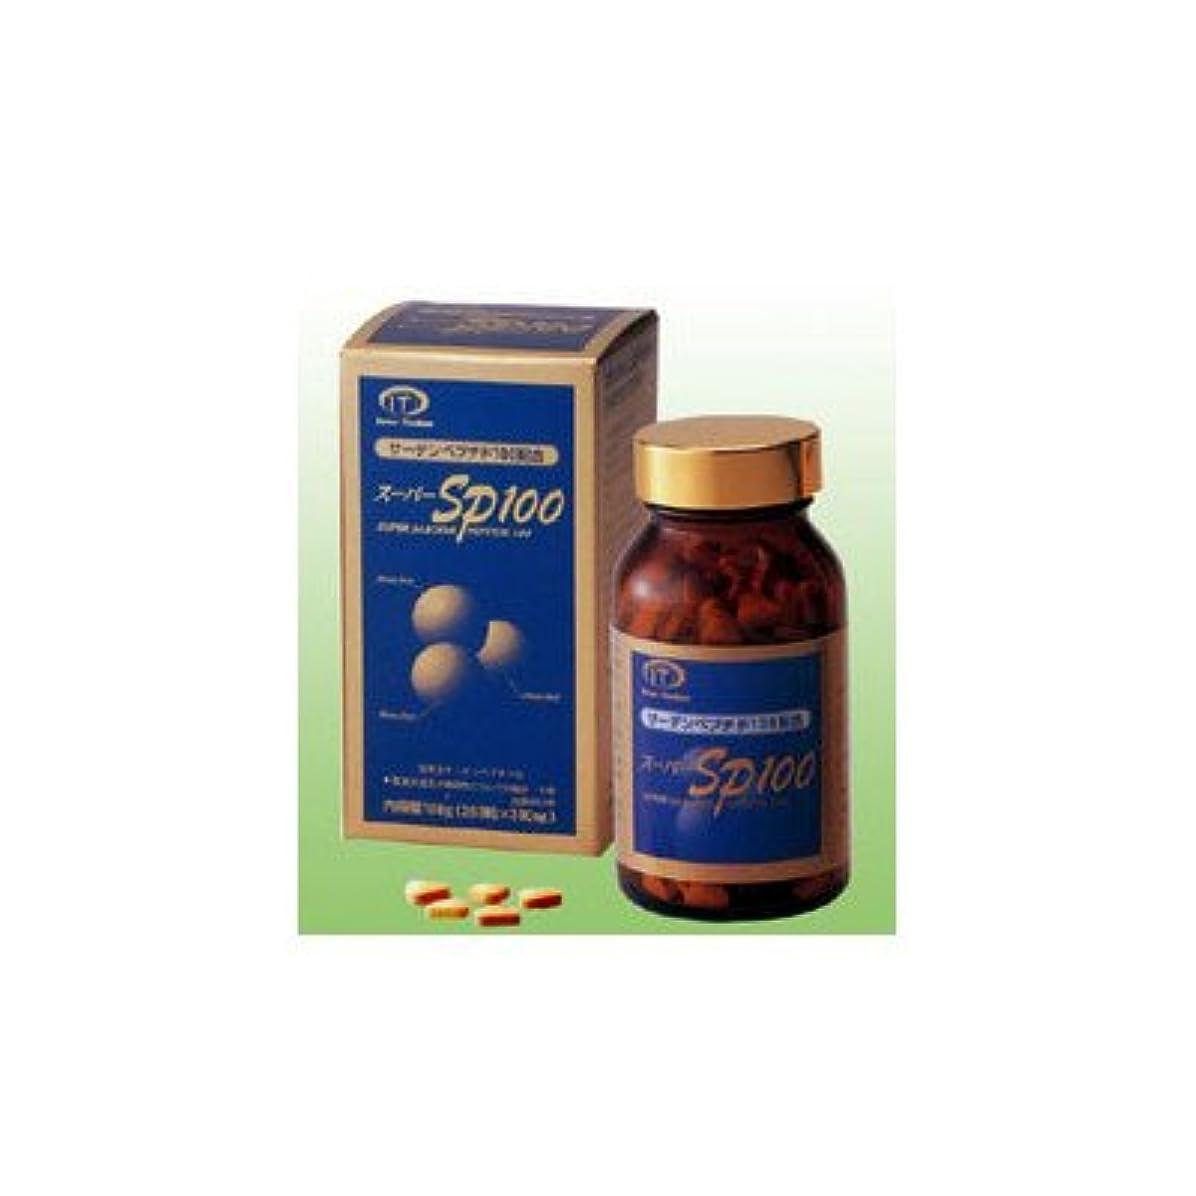 白菜生息地速度スーパーSP100(イワシペプチド)(360粒) 2箱